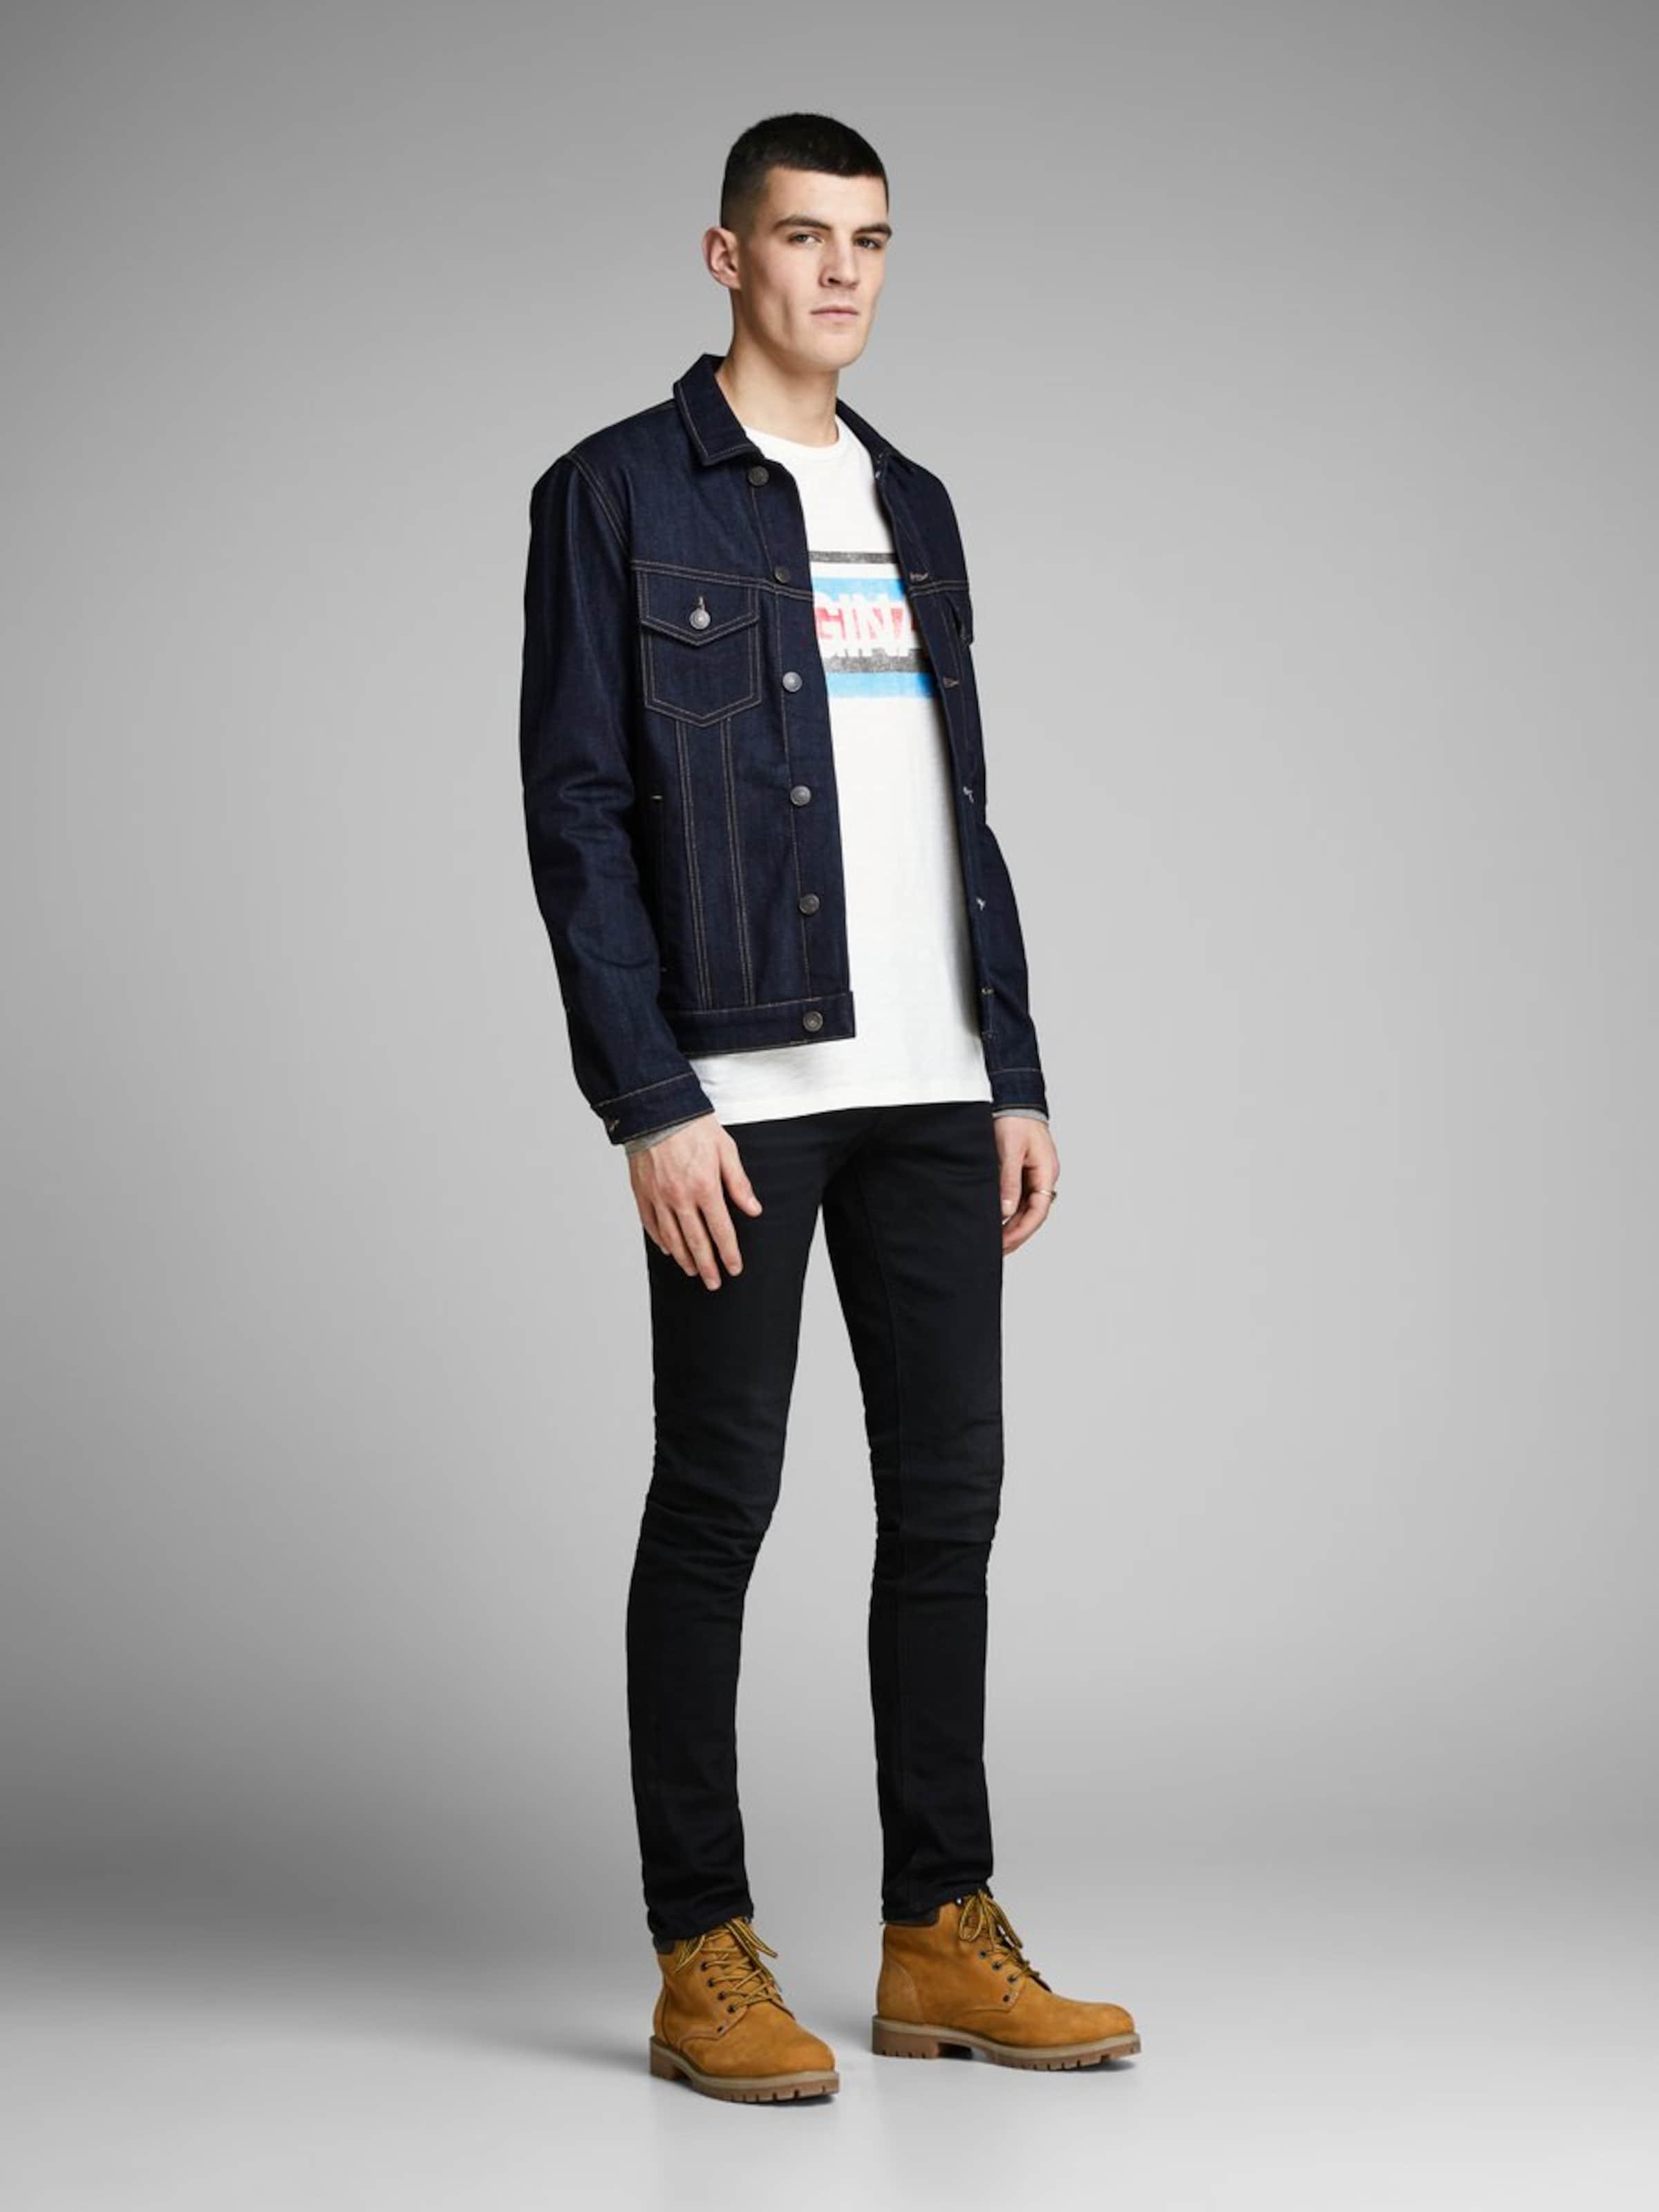 shirt Jackamp; BasalteClair Jones Gris T En wX0nOk8P